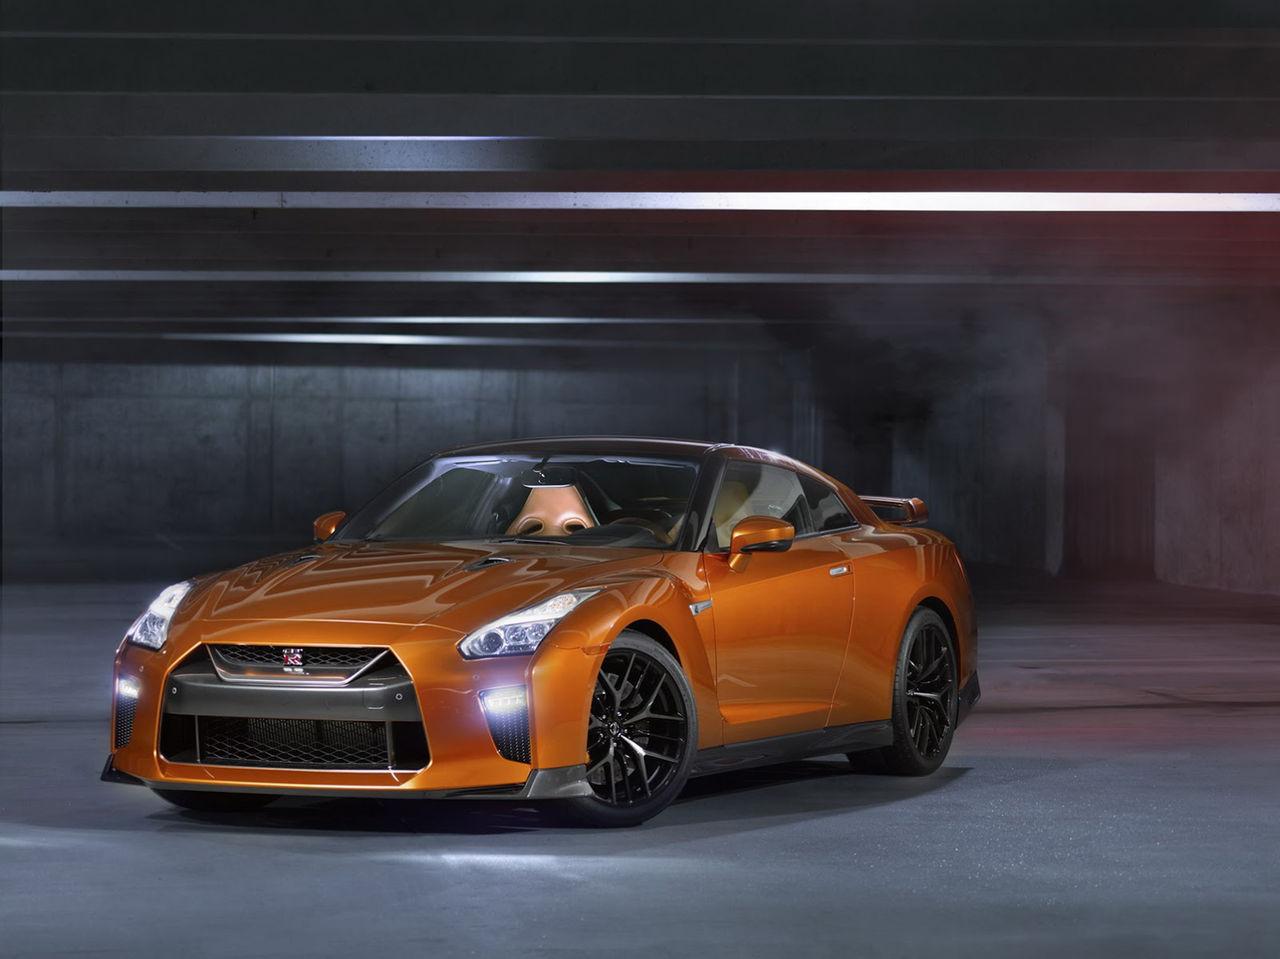 Det blev ytterligare en uppdatering för Nissan GT-R